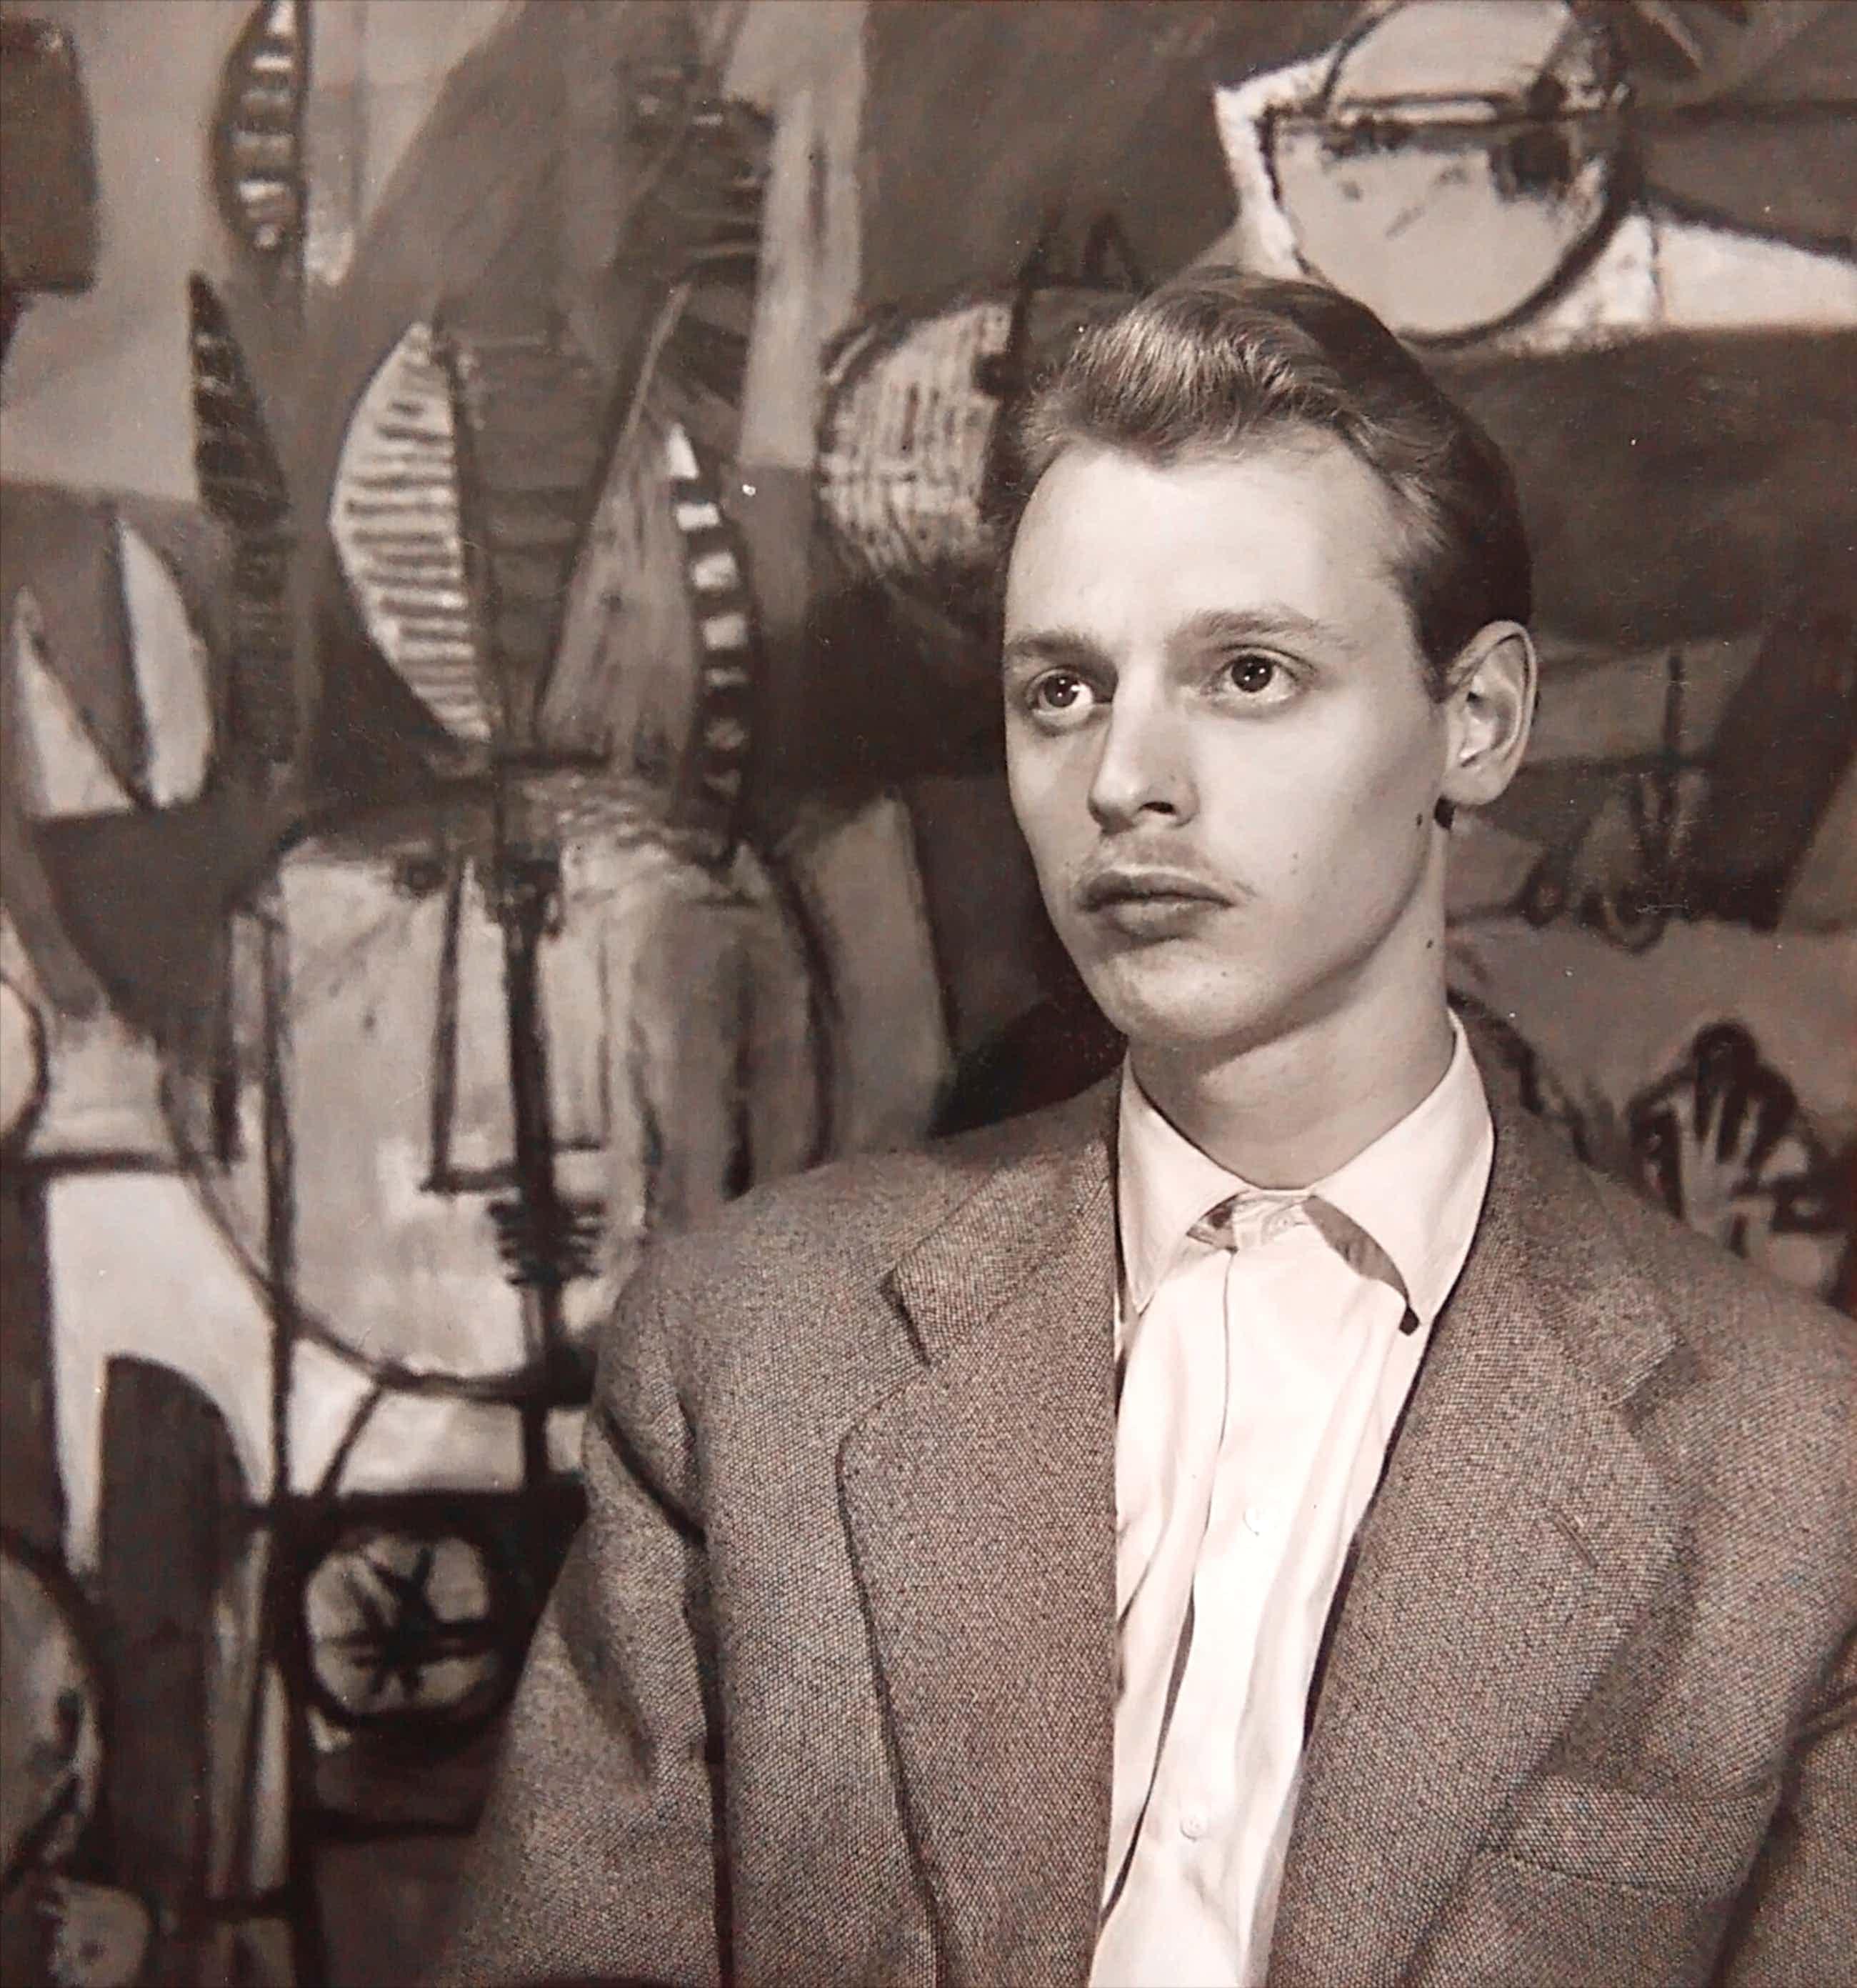 Henny Riemens - Portretfoto Simon Vinkenoog 1951-54 kopen? Bied vanaf 40!